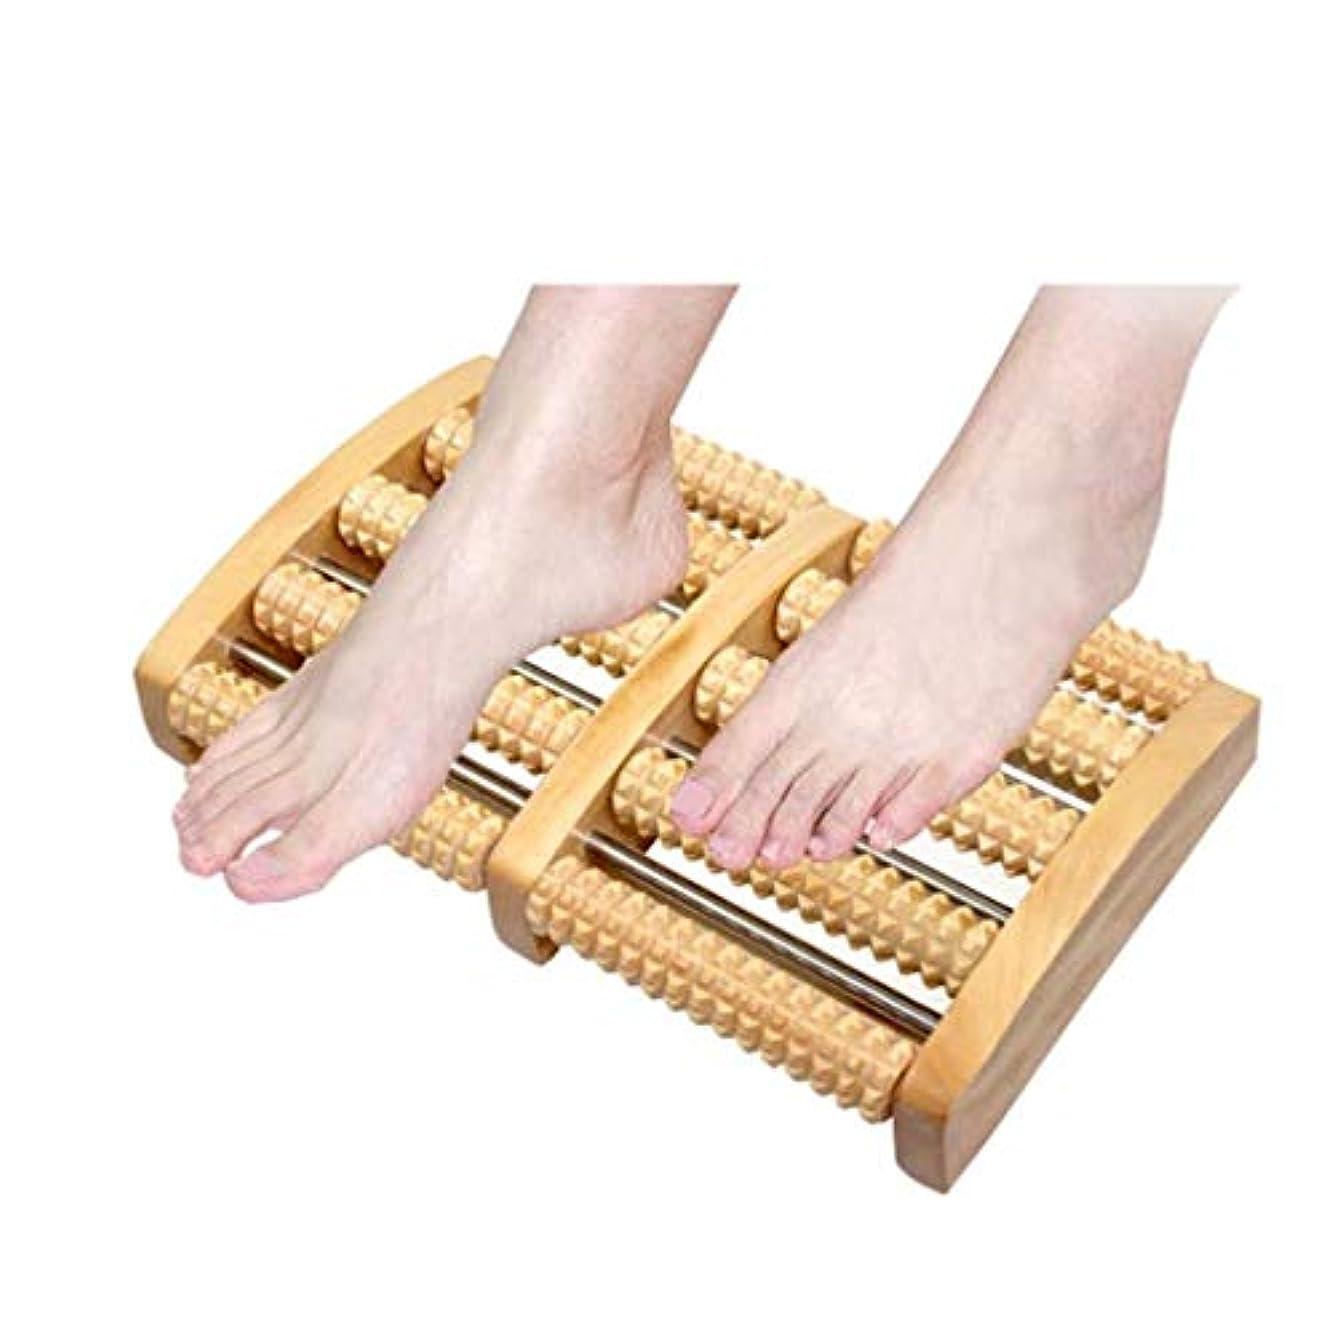 ミニチュアゴージャス収容するフットマッサージ、木製フットマッサージローラー-足底筋膜炎、かかと、アーチの痛みを和らげます-指圧マッサージでストレスを緩和 (Color : A)